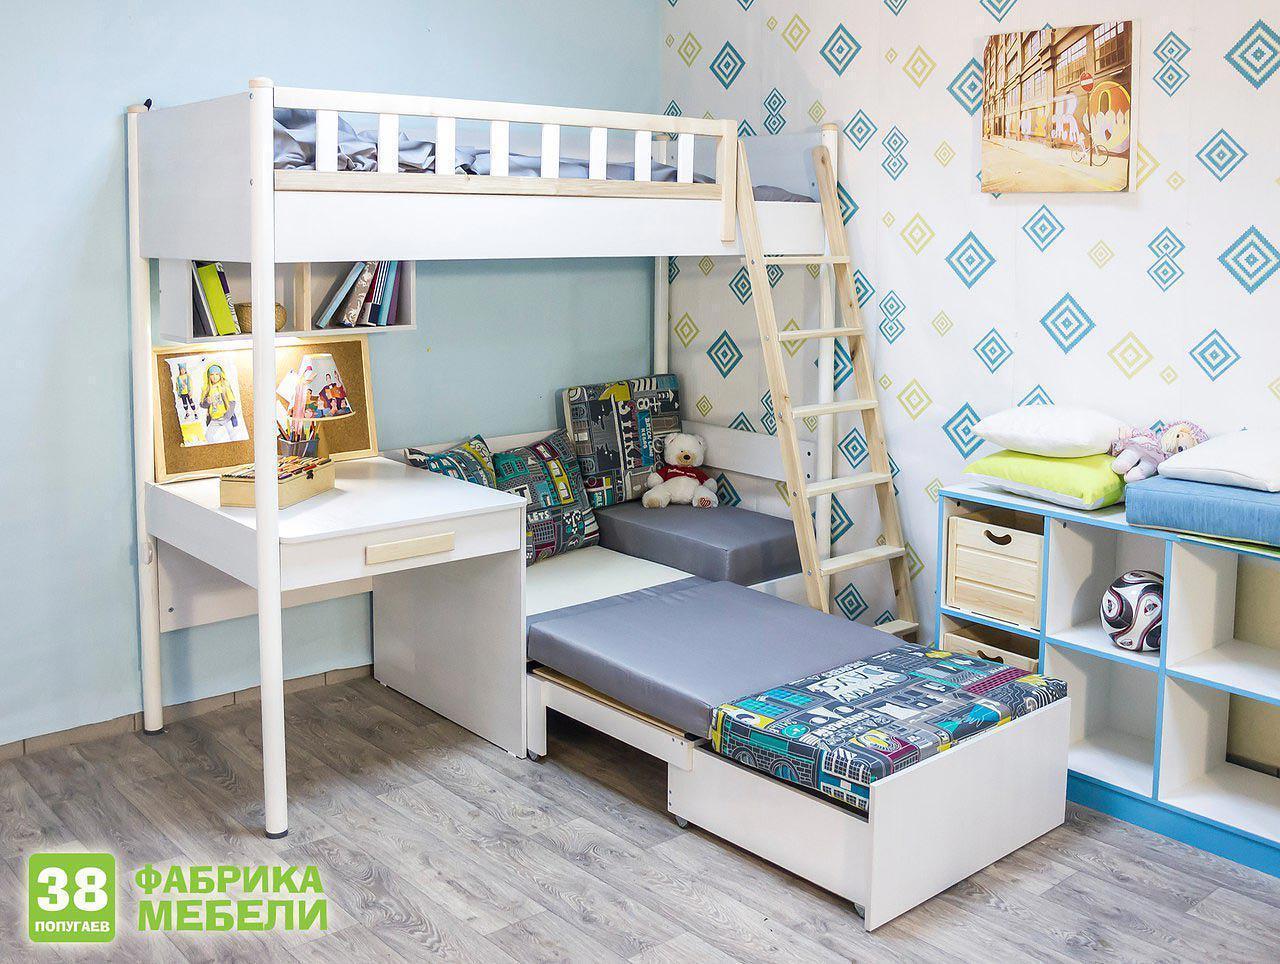 Детская мебель 38 попугаев Феникс